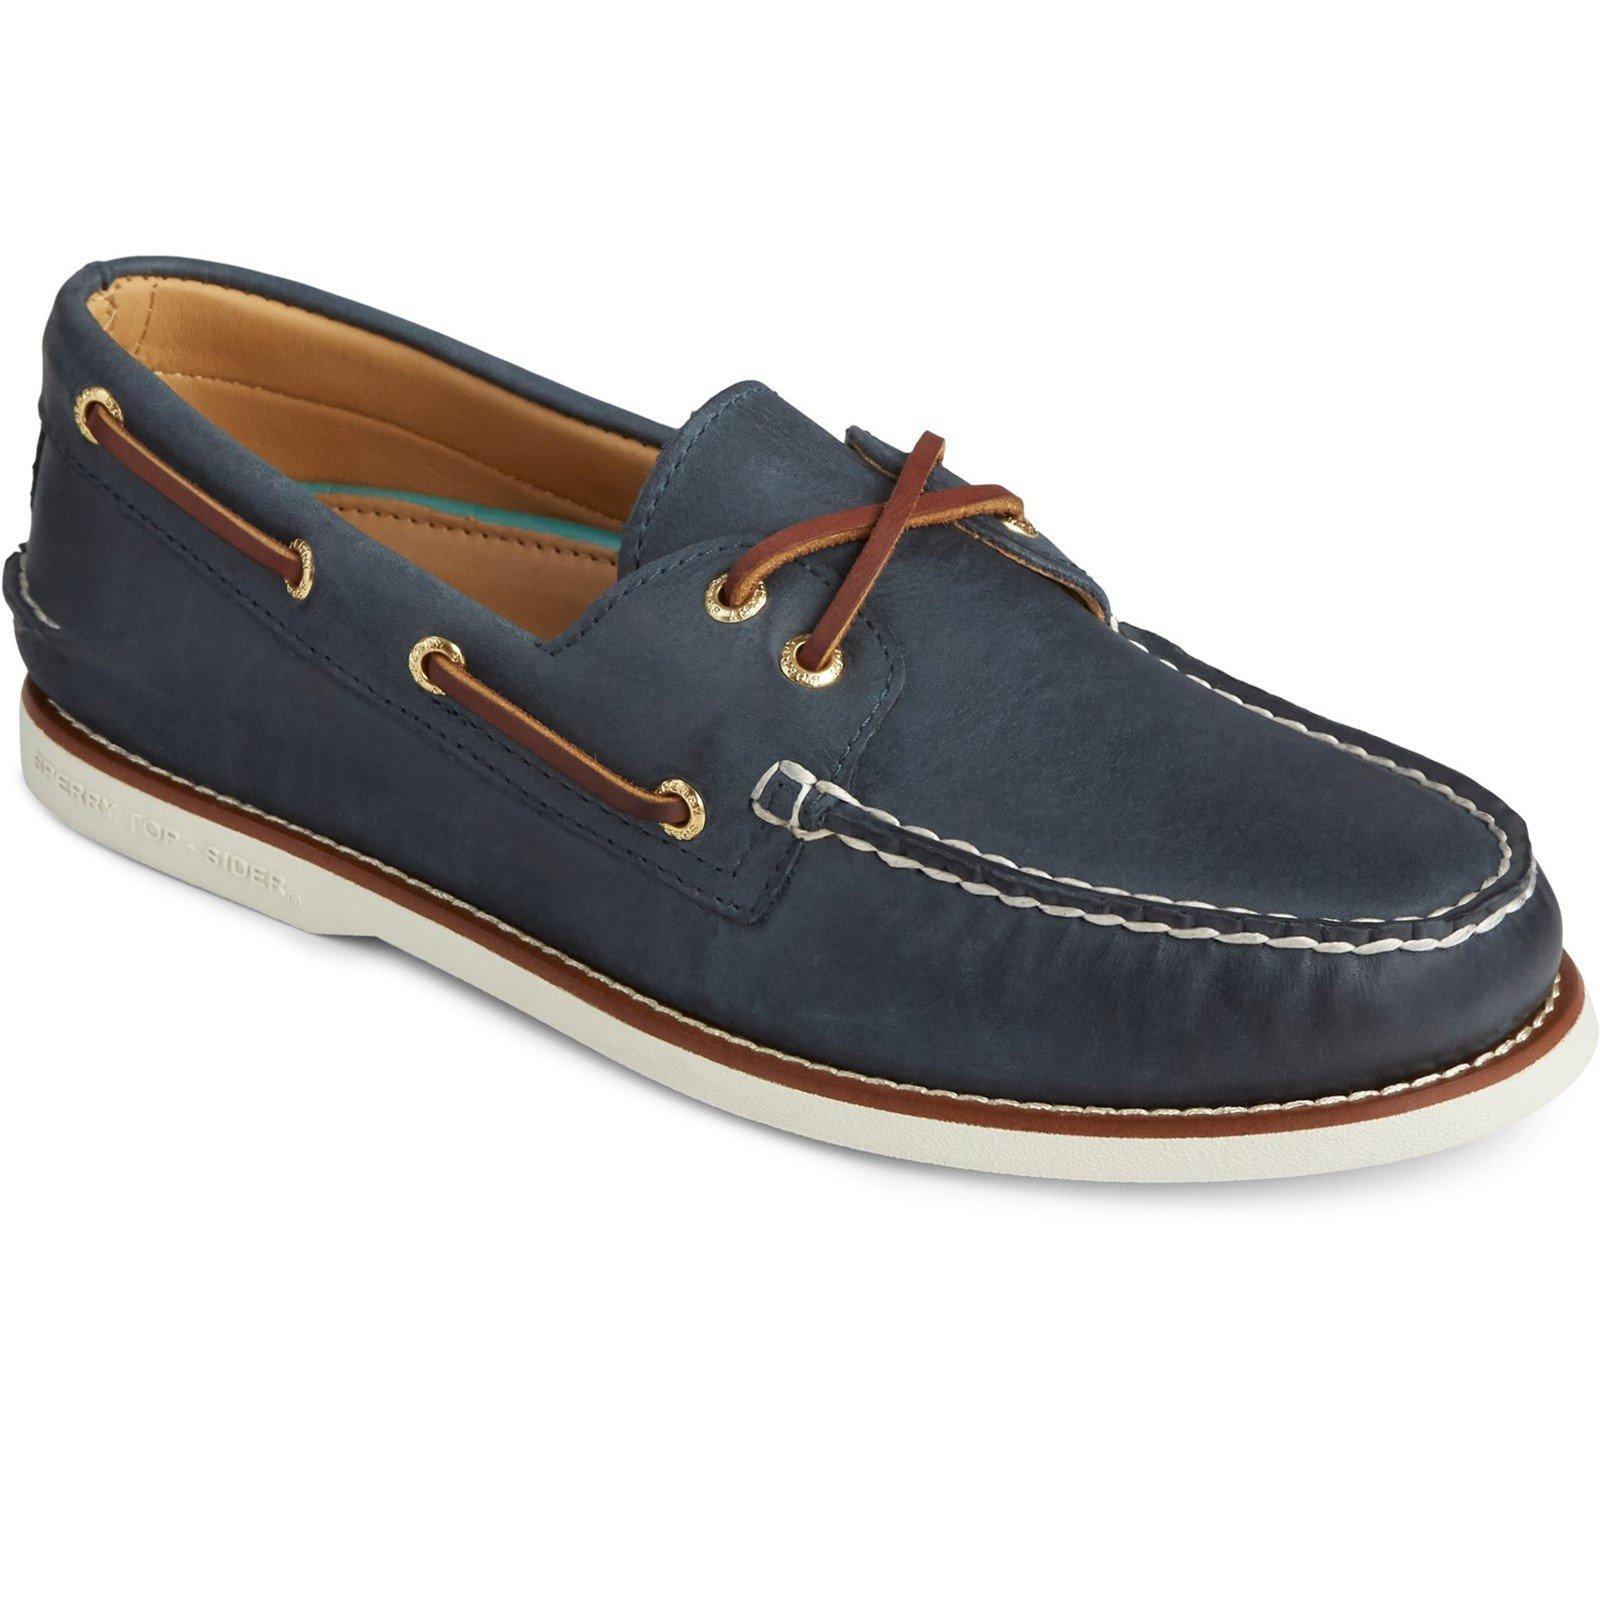 Sperry Men's Cup Authentic Original Boat Shoe Various Colours 31735 - Navy 6